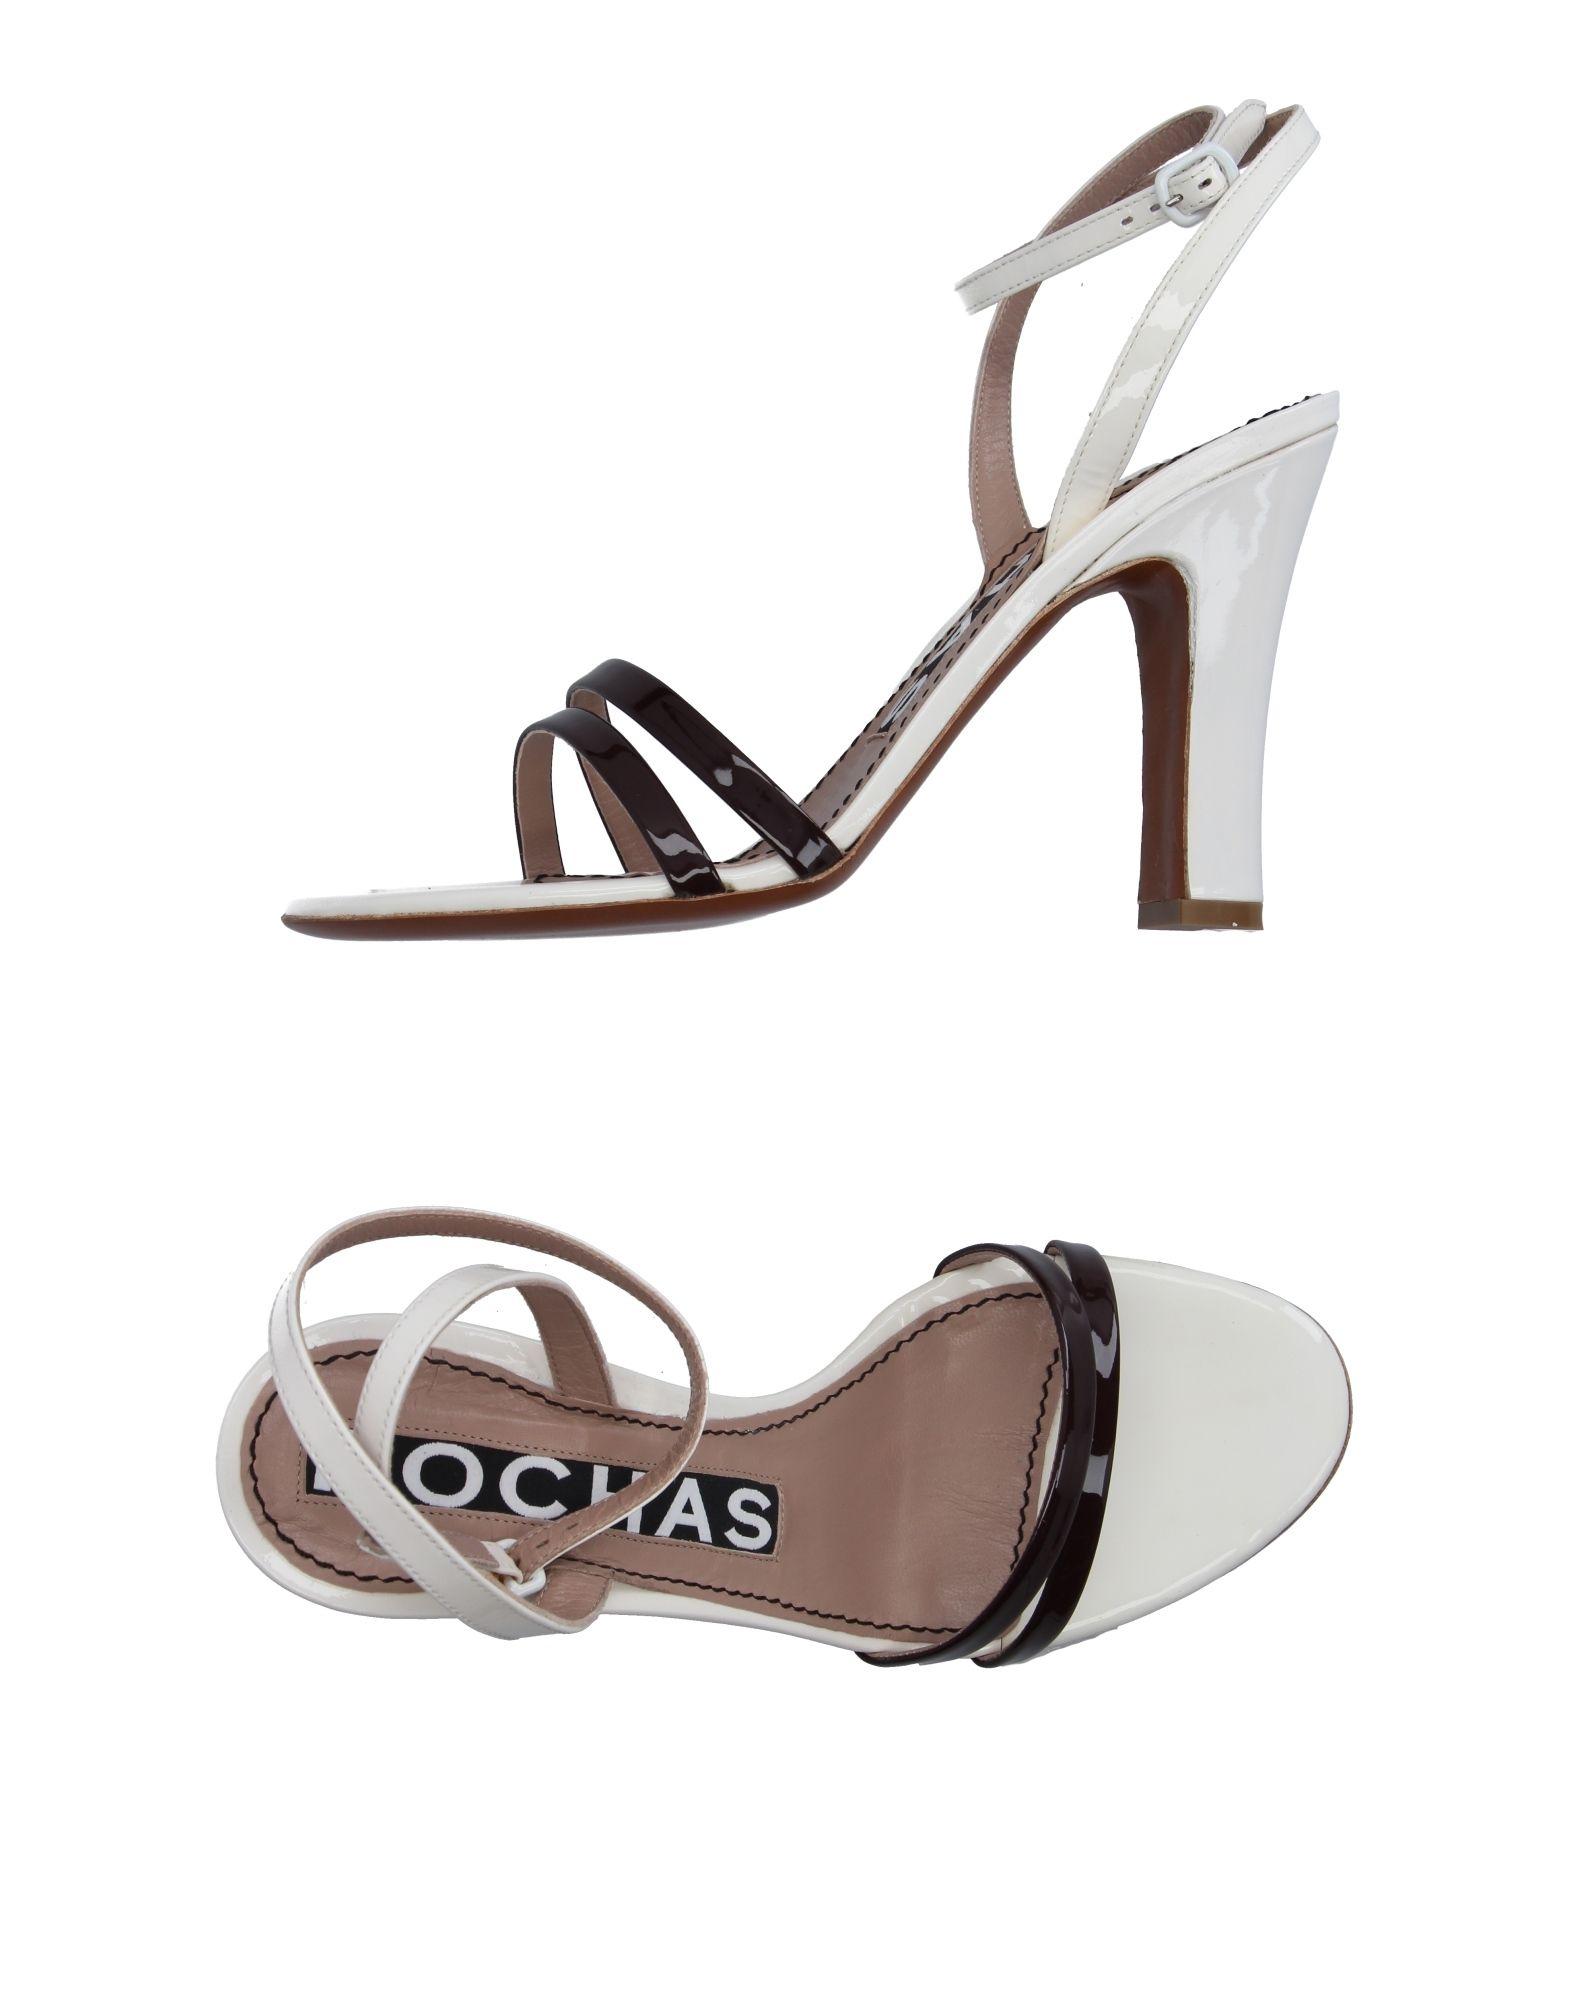 Rochas Sandalen Damen  11167958DPGut aussehende strapazierfähige Schuhe